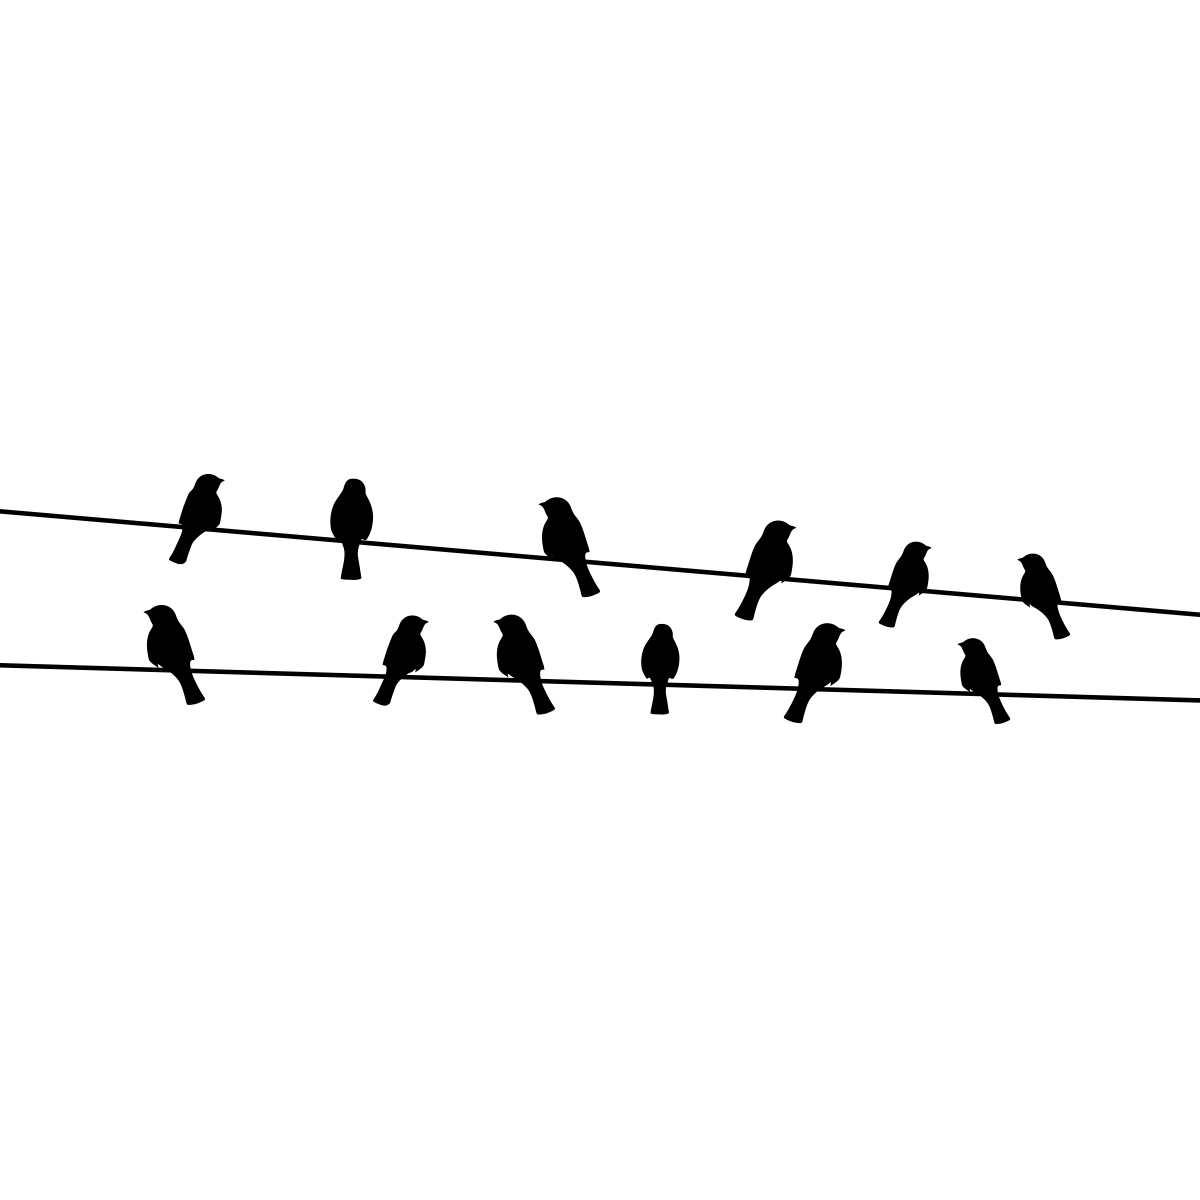 Sticker Oiseaux Sur Un Fil sticker oiseaux sur fils